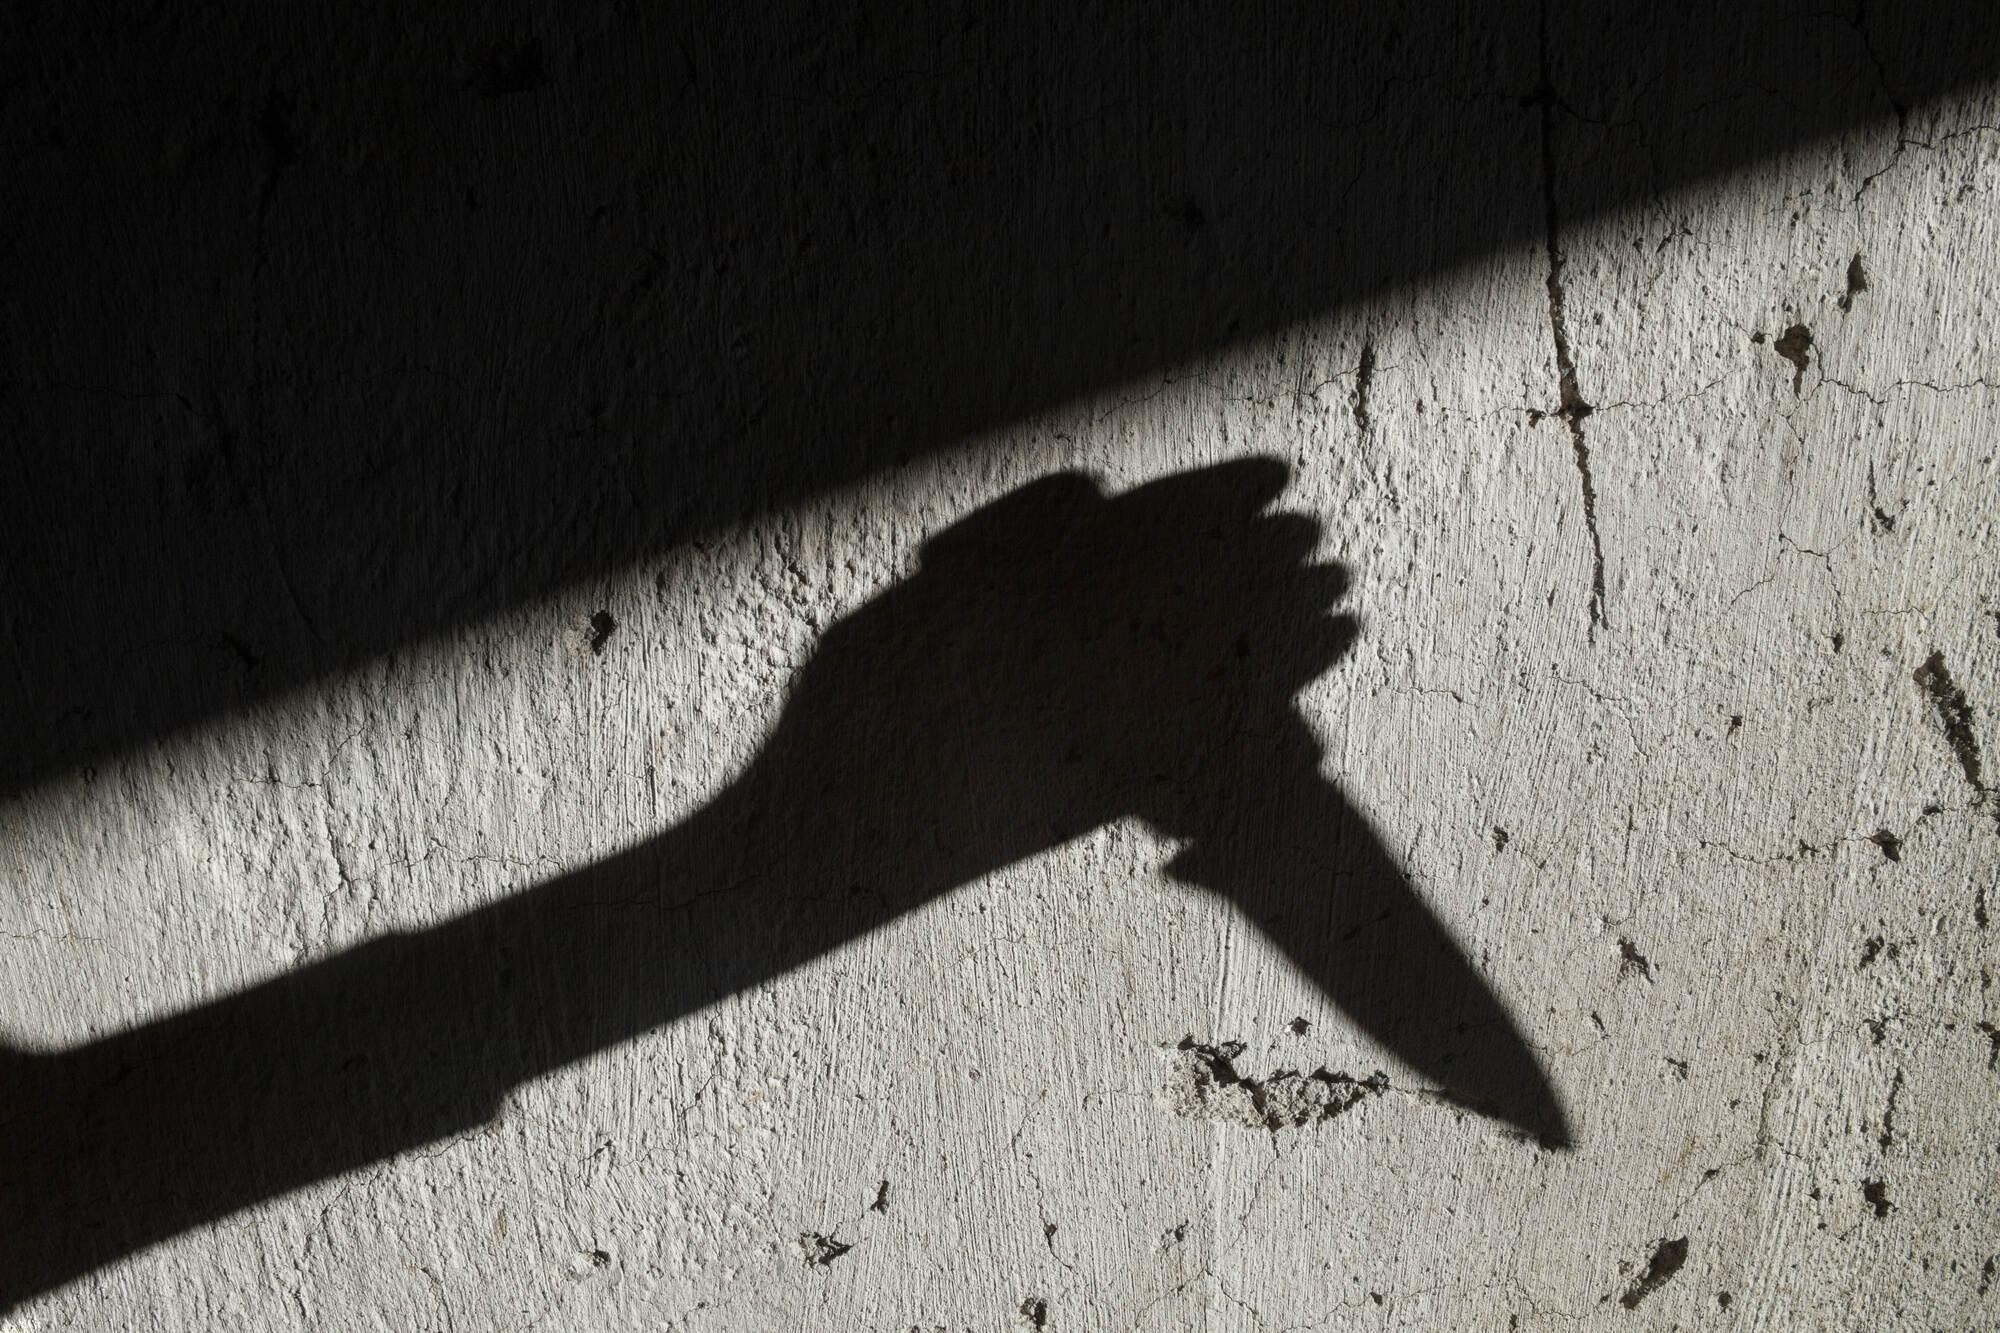 E rëndë, 19 vjeçari nga Kosova vret me thikë bashkëmoshatarin e tij në Gjermani